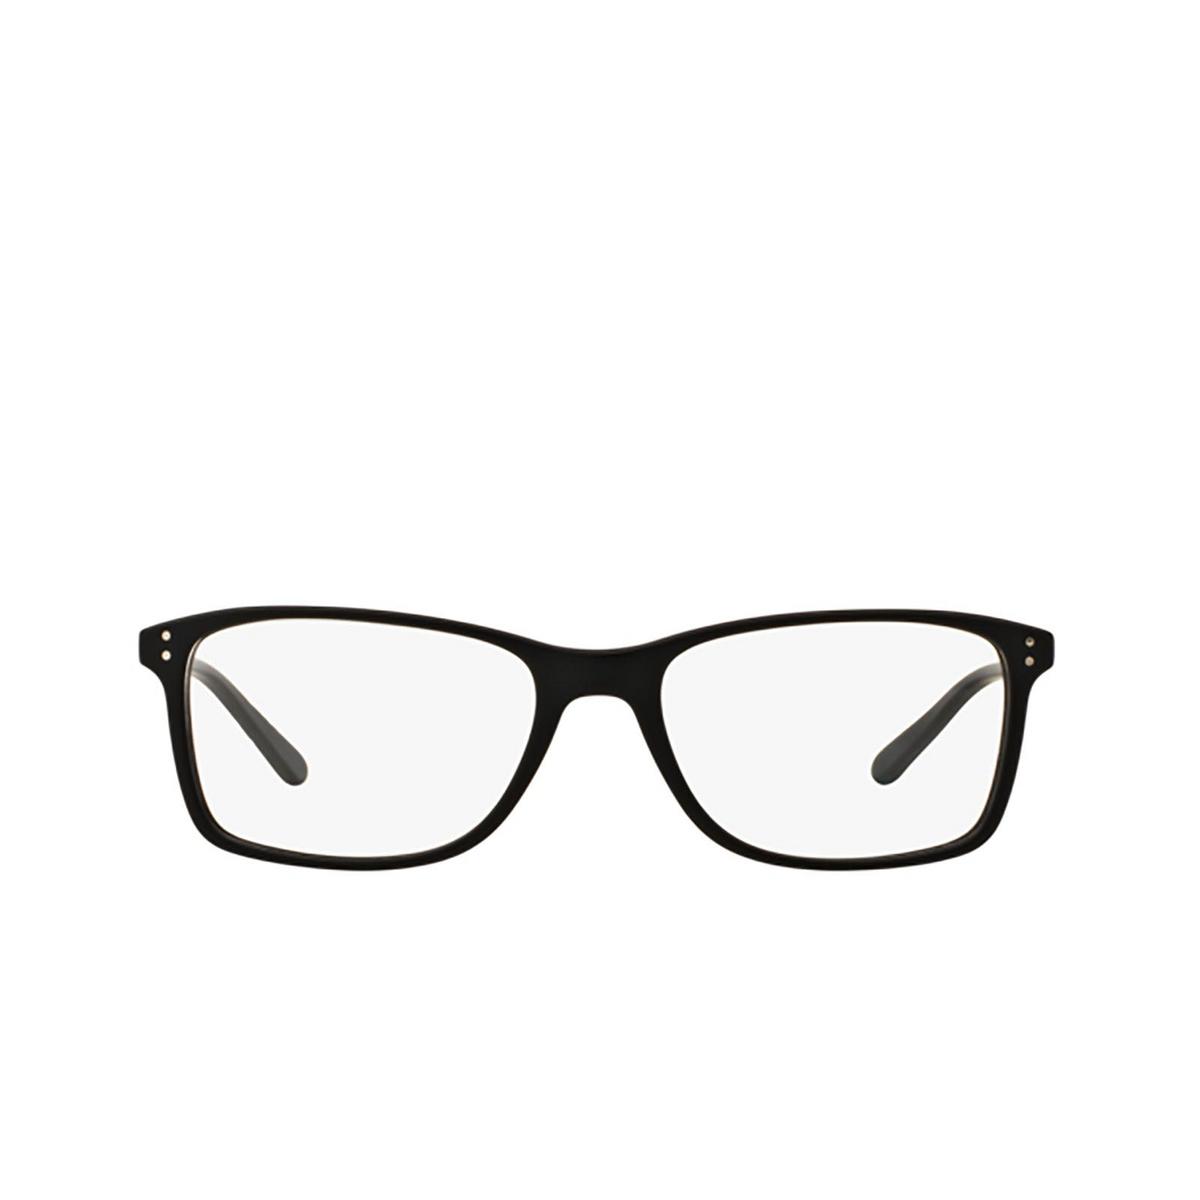 Polo Ralph Lauren® Rectangle Eyeglasses: PH2155 color Matte Black 5284 - front view.